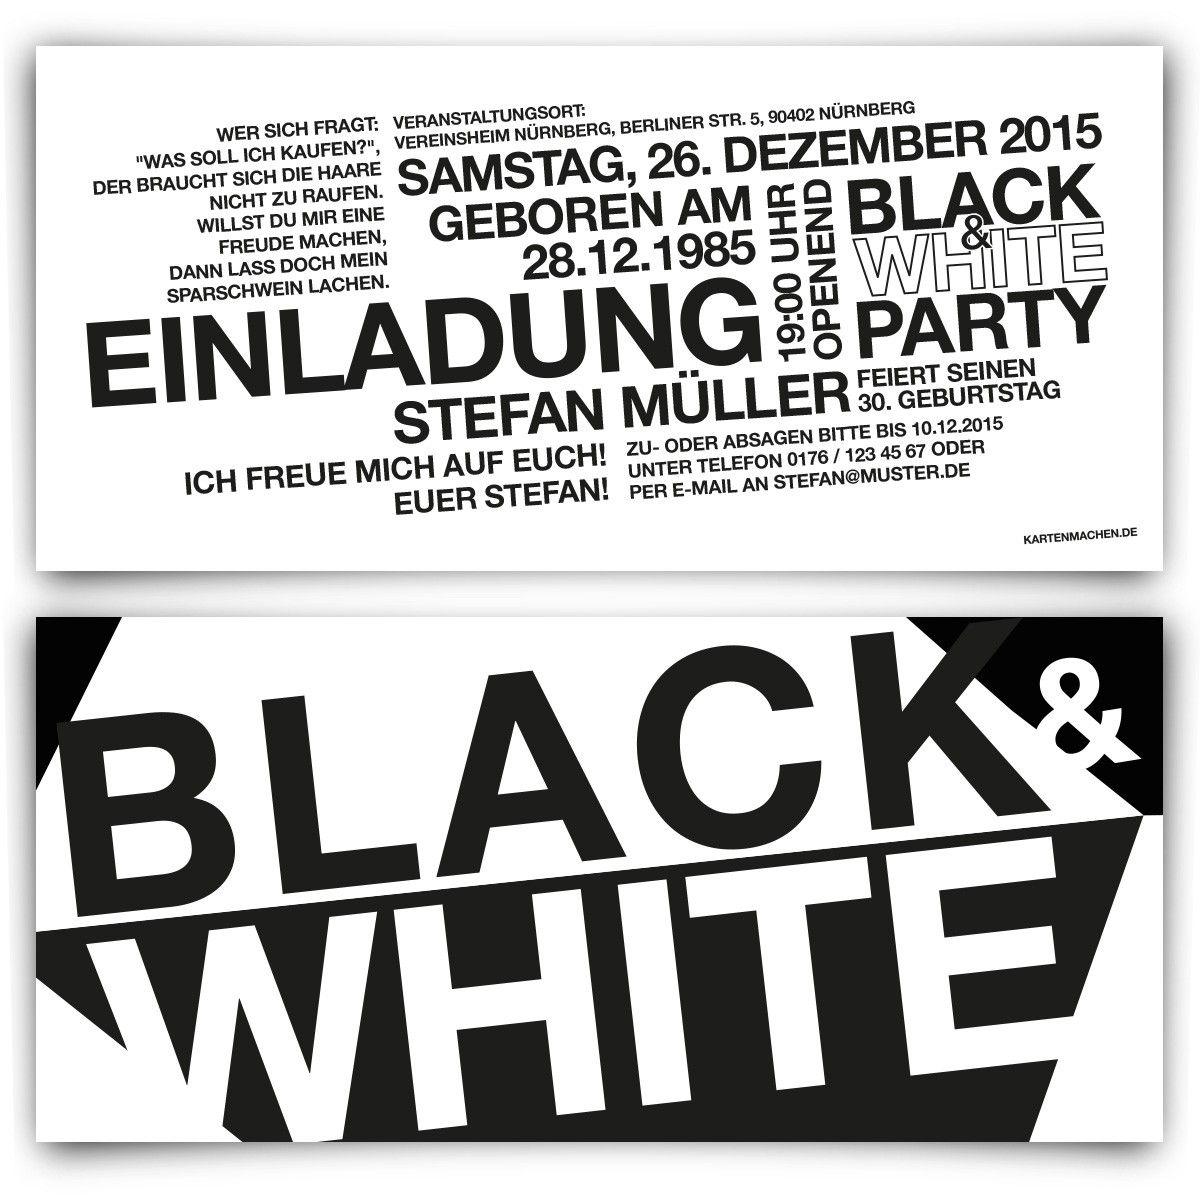 einladungen - black & white party #geburtstag #einladung, Einladungsentwurf